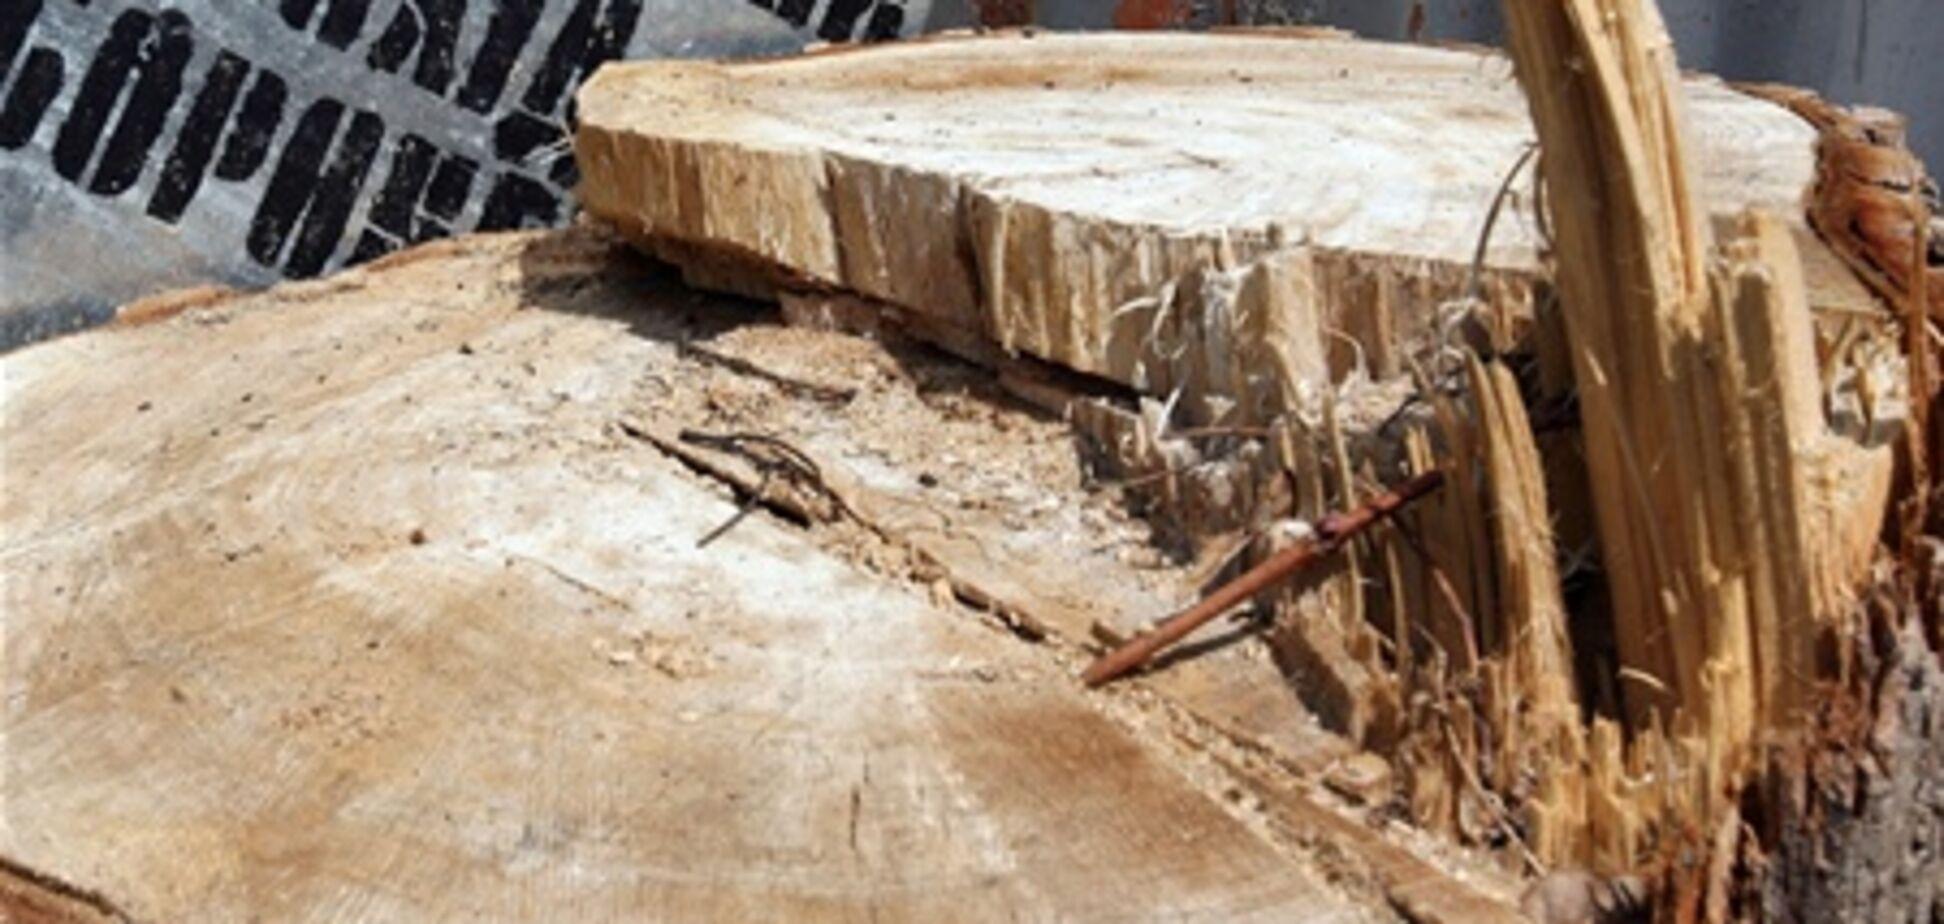 На Печерске самовольно вырубили деревья: прокуратура возбудила дело